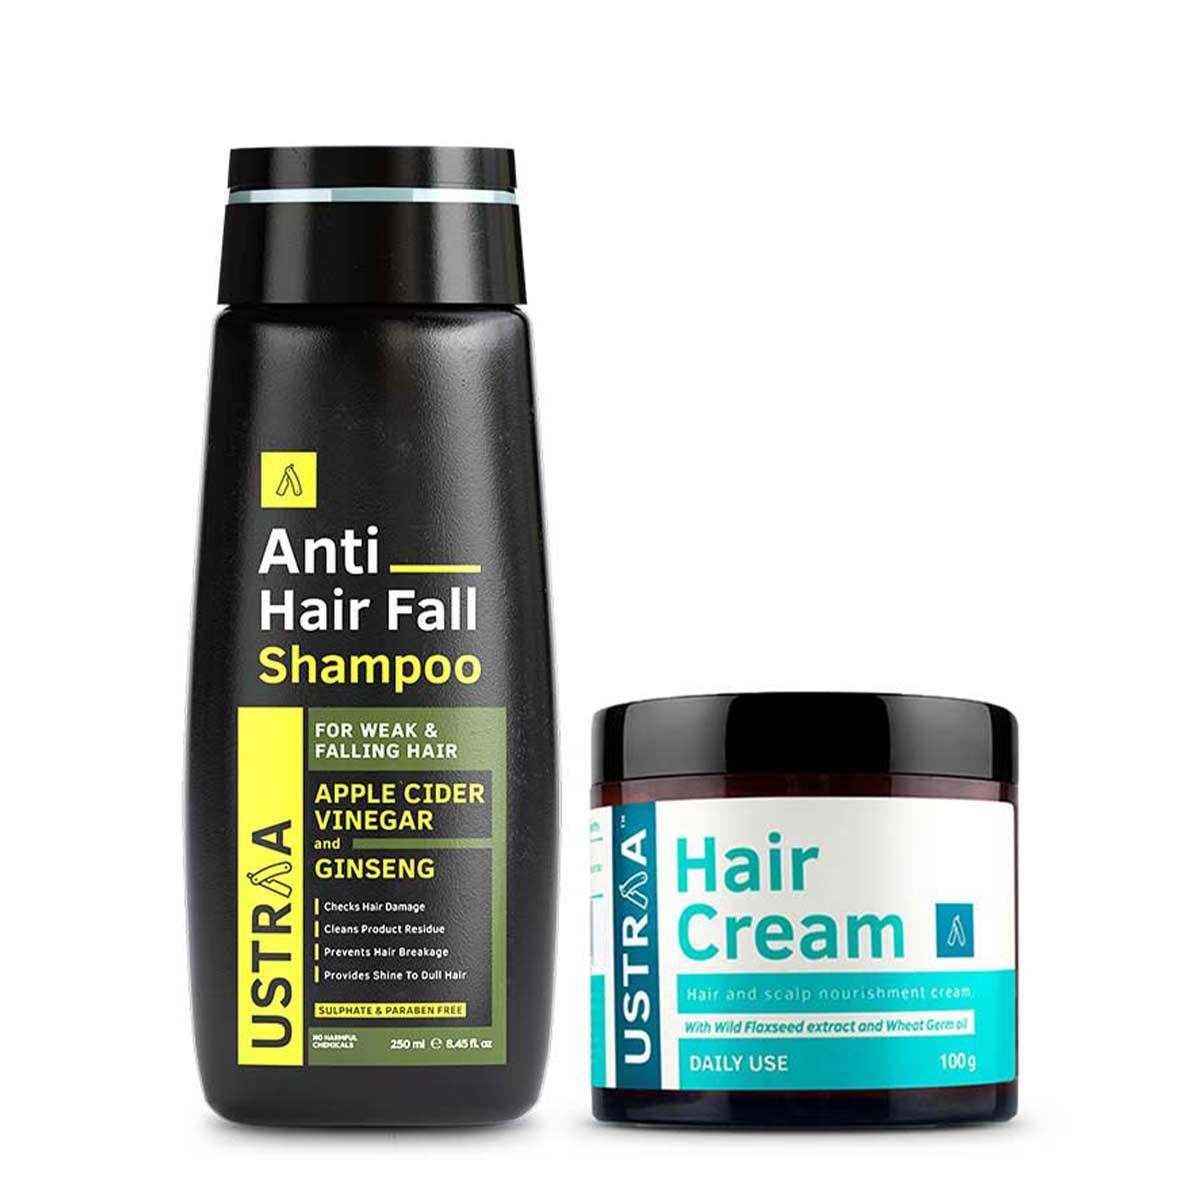 Anti Hair Fall Shampoo & Hair Cream